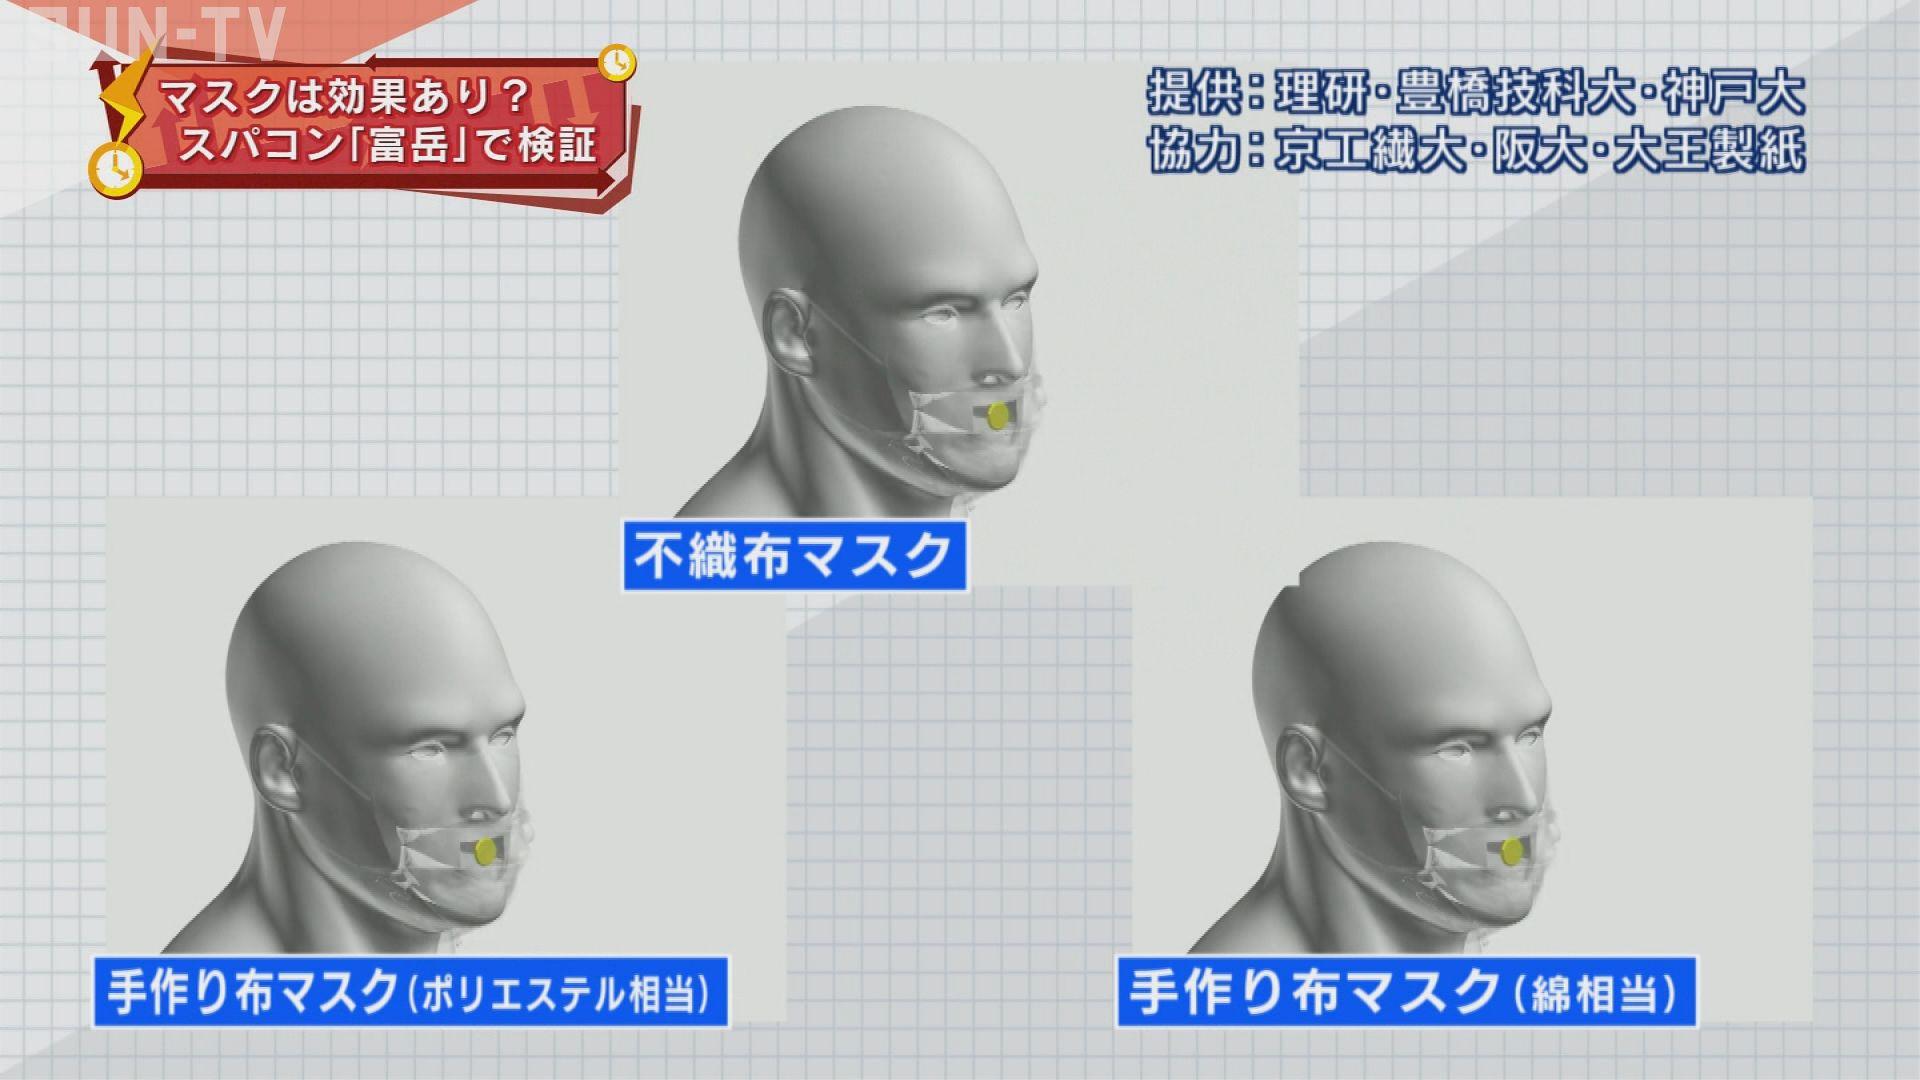 布 マスク 効果 コロナ